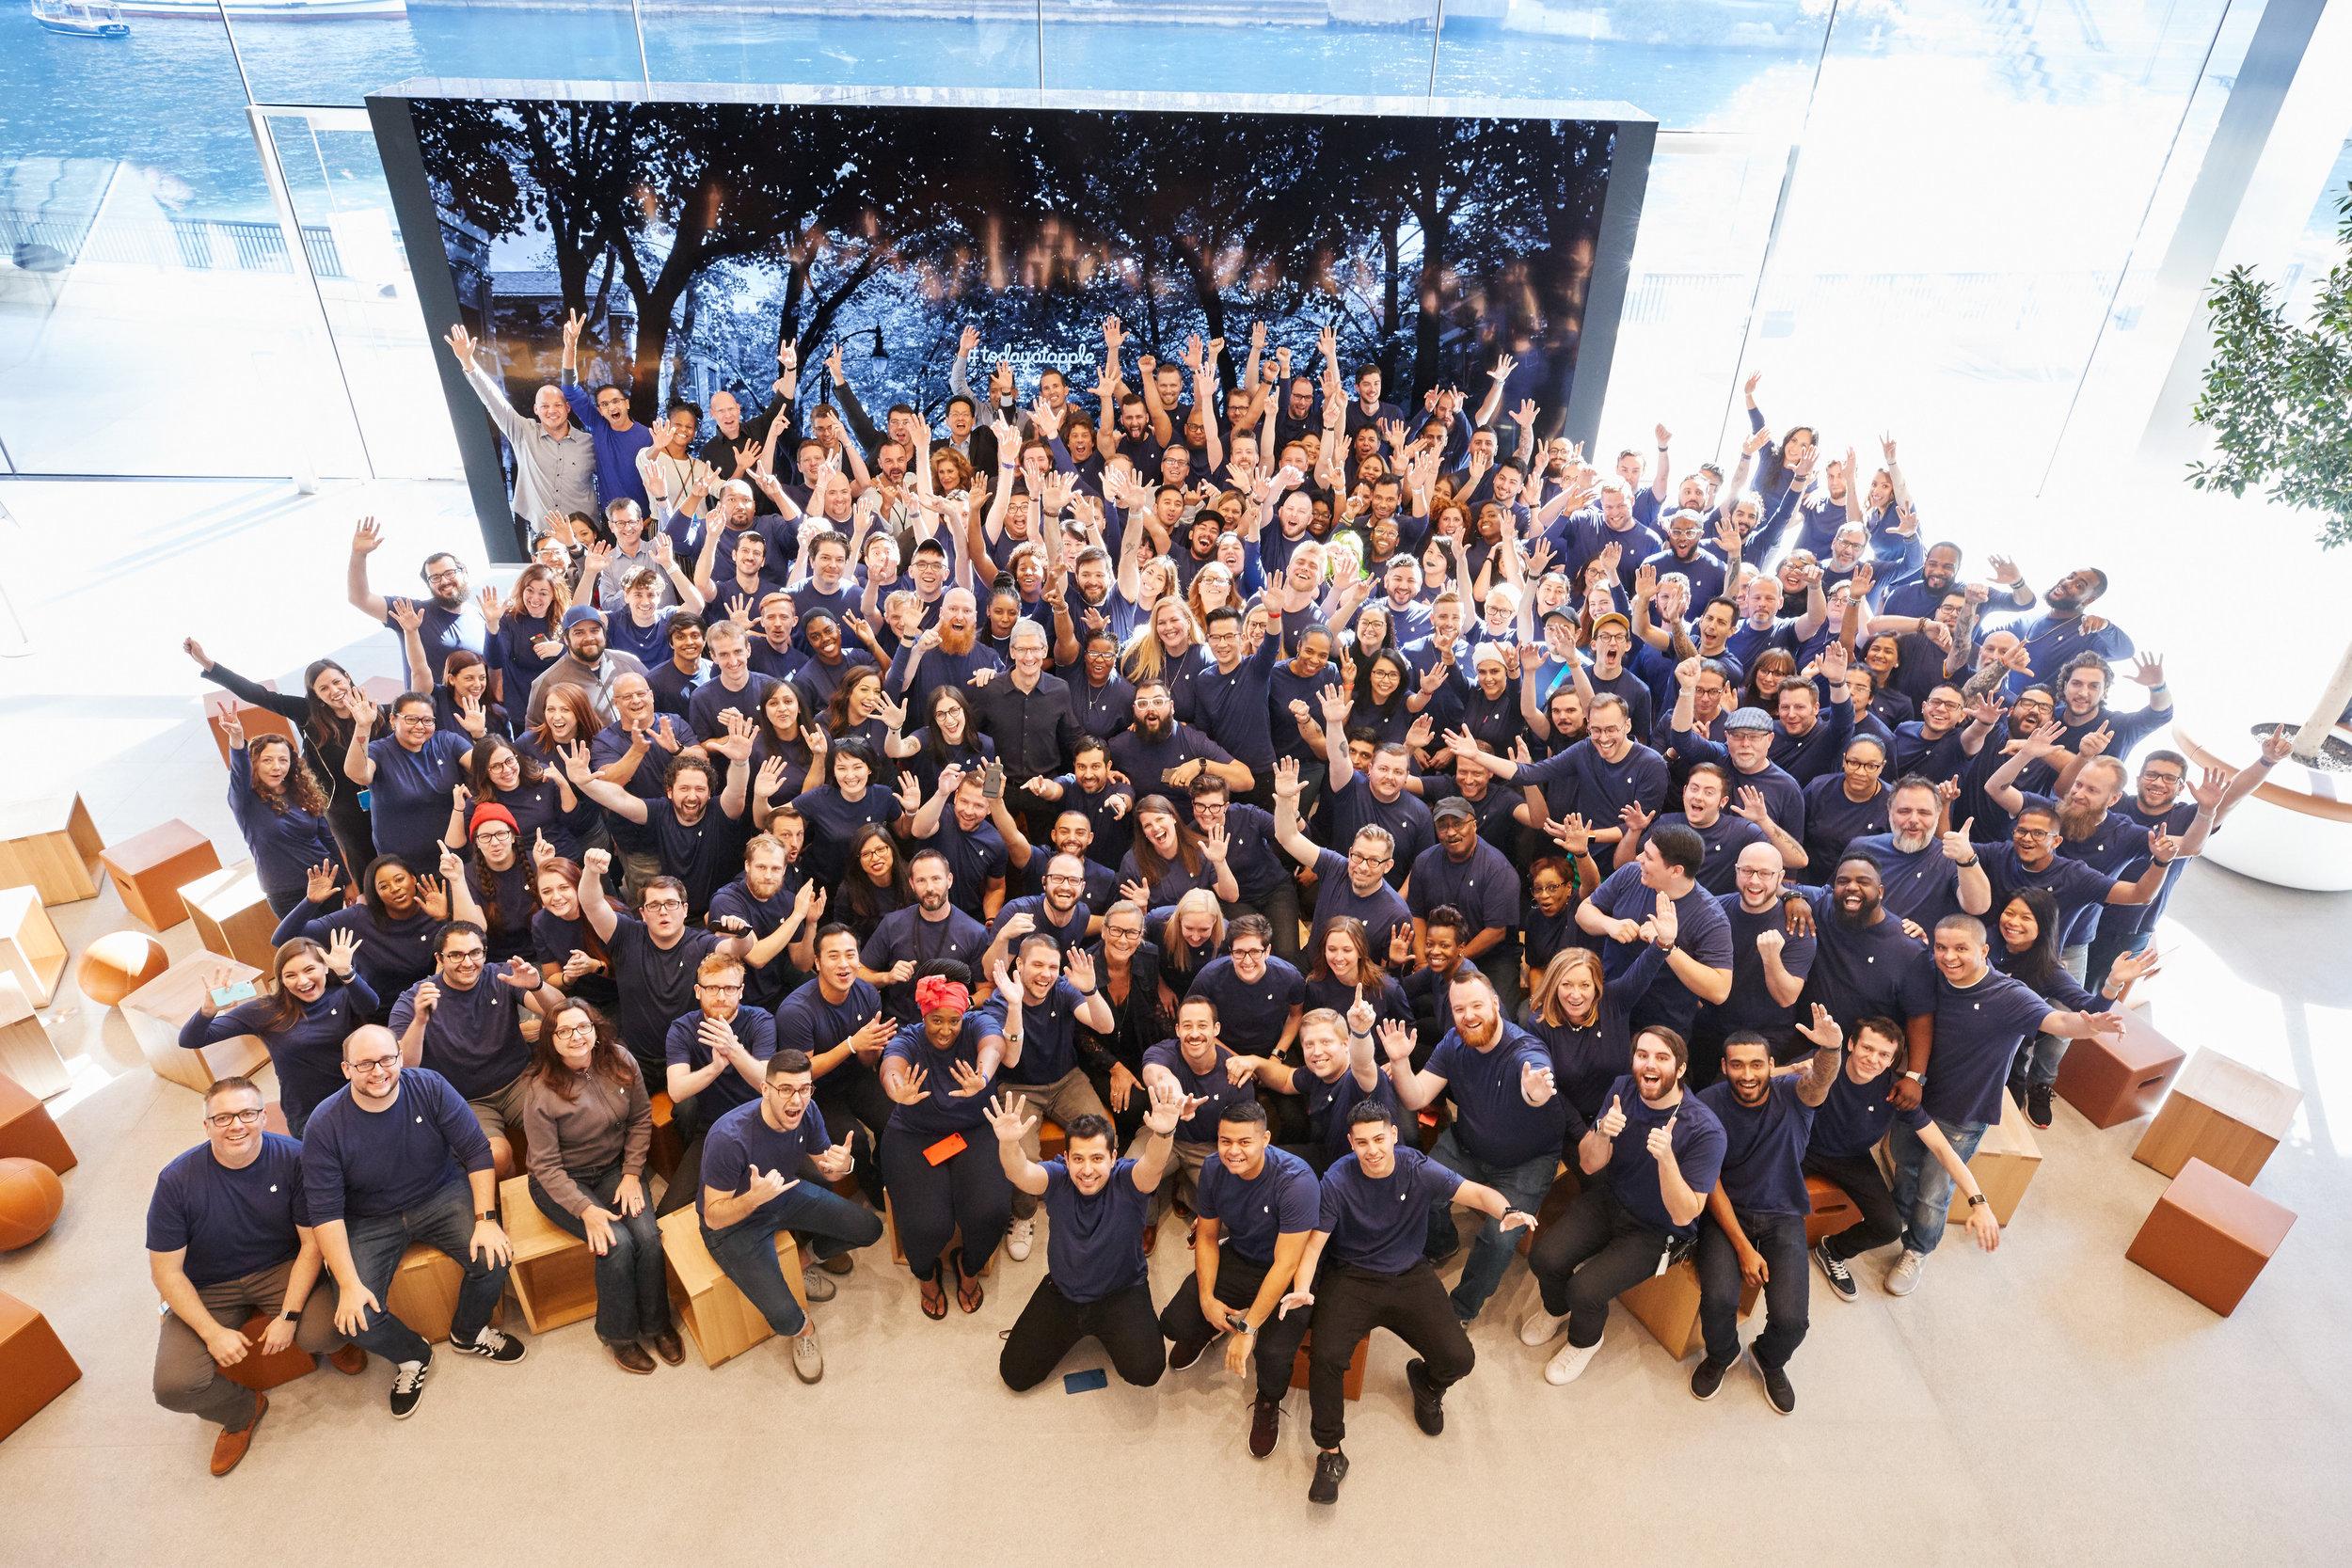 Photo curtesy of Apple, Inc.